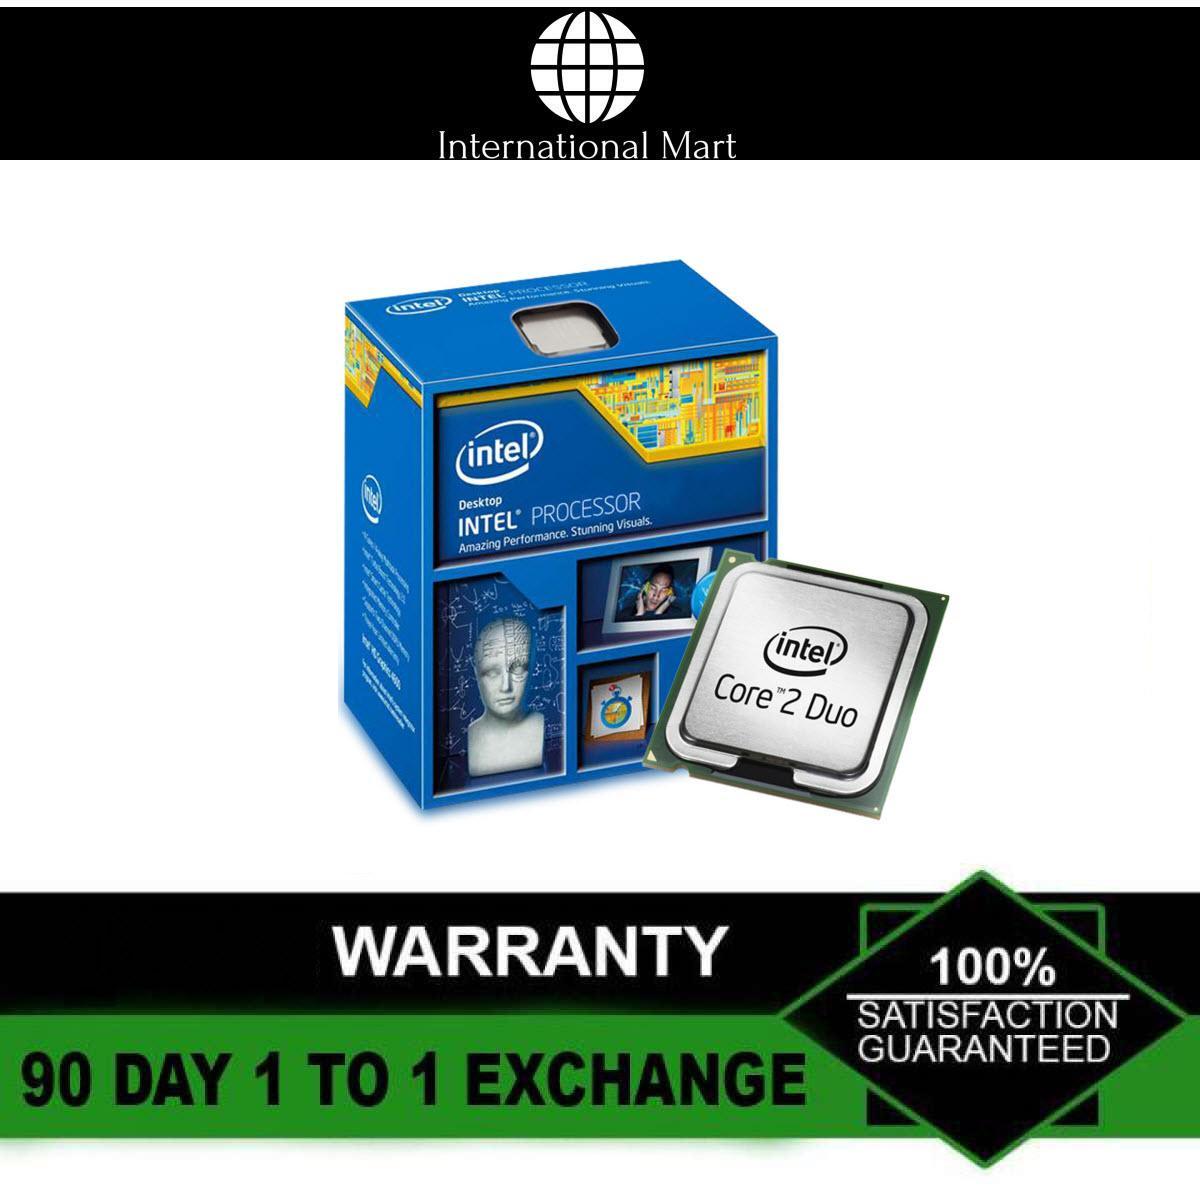 Chip xử lý Intel CPU Core 2 Duo E8400 (2 lõi- 2 Luồng) Chất Lượng Tốt- Hàng Nhập Khẩu